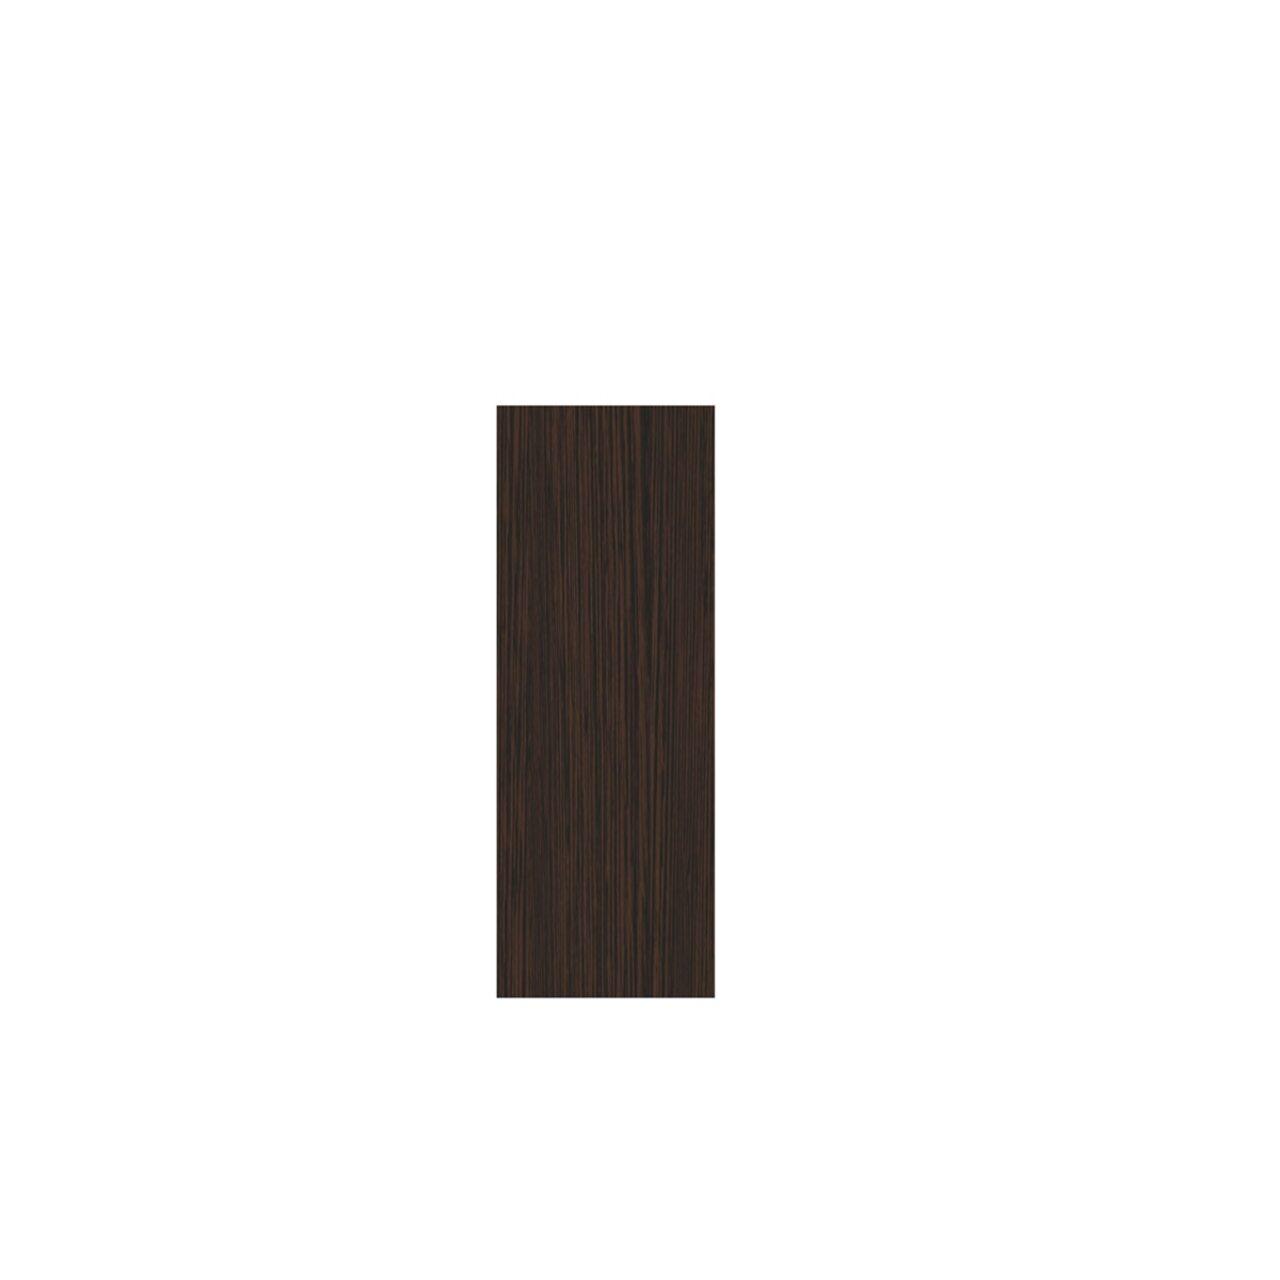 Панели боковые для стеллажей  Бонд 46x2x125 - фото 4